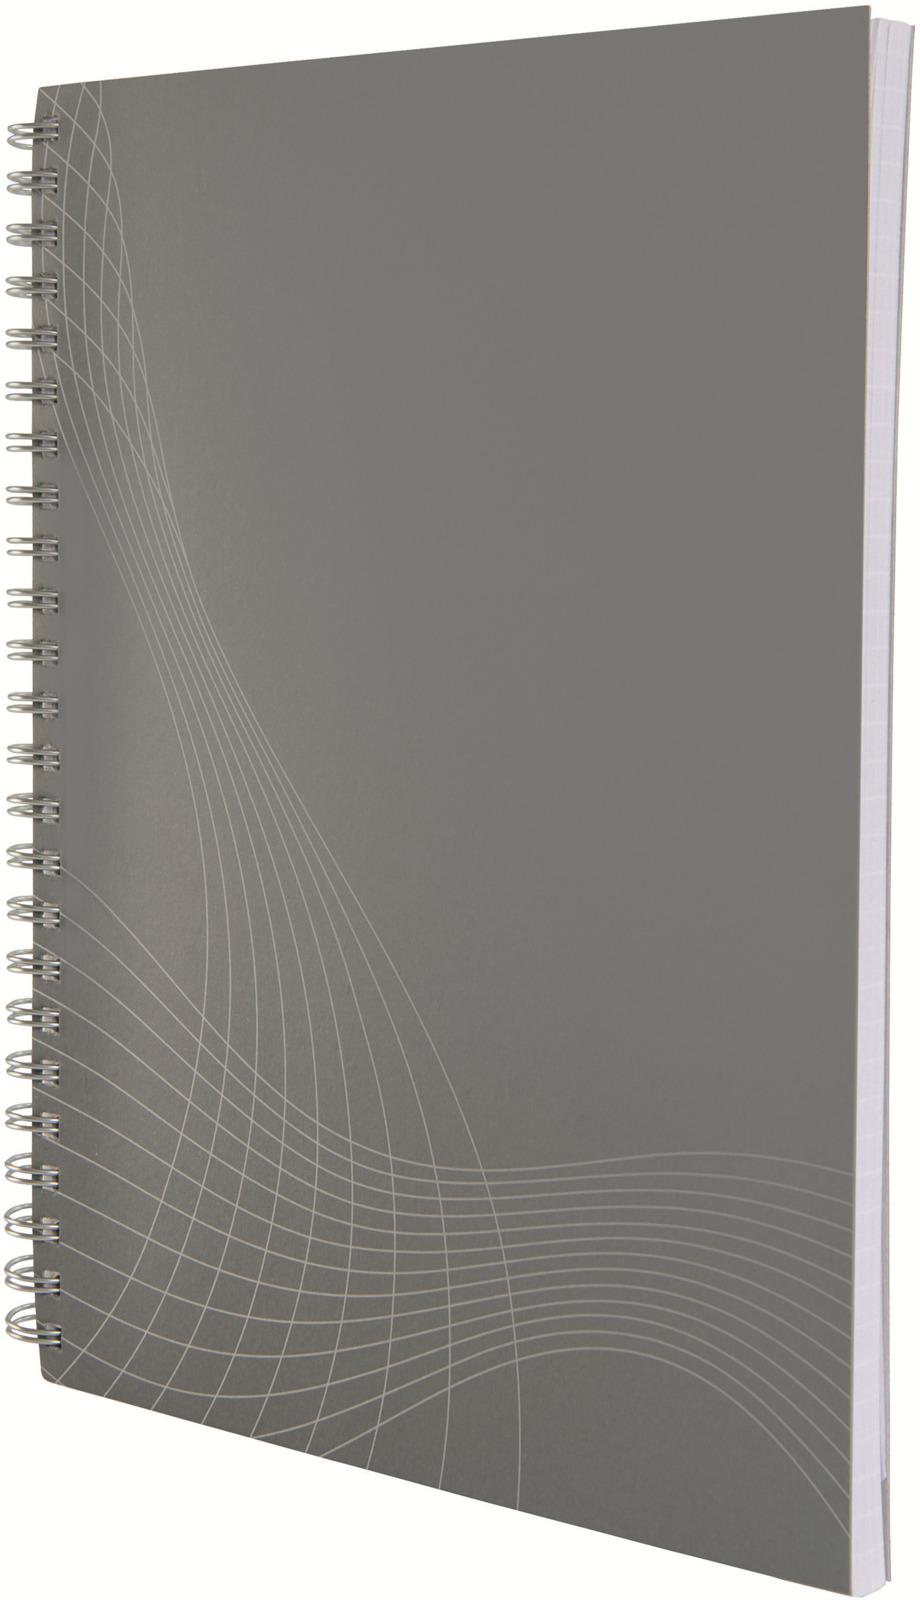 Блокнот для записей Avery Zweckfrom Notizio, А5, в клетку, цвет: серый, 80 листов